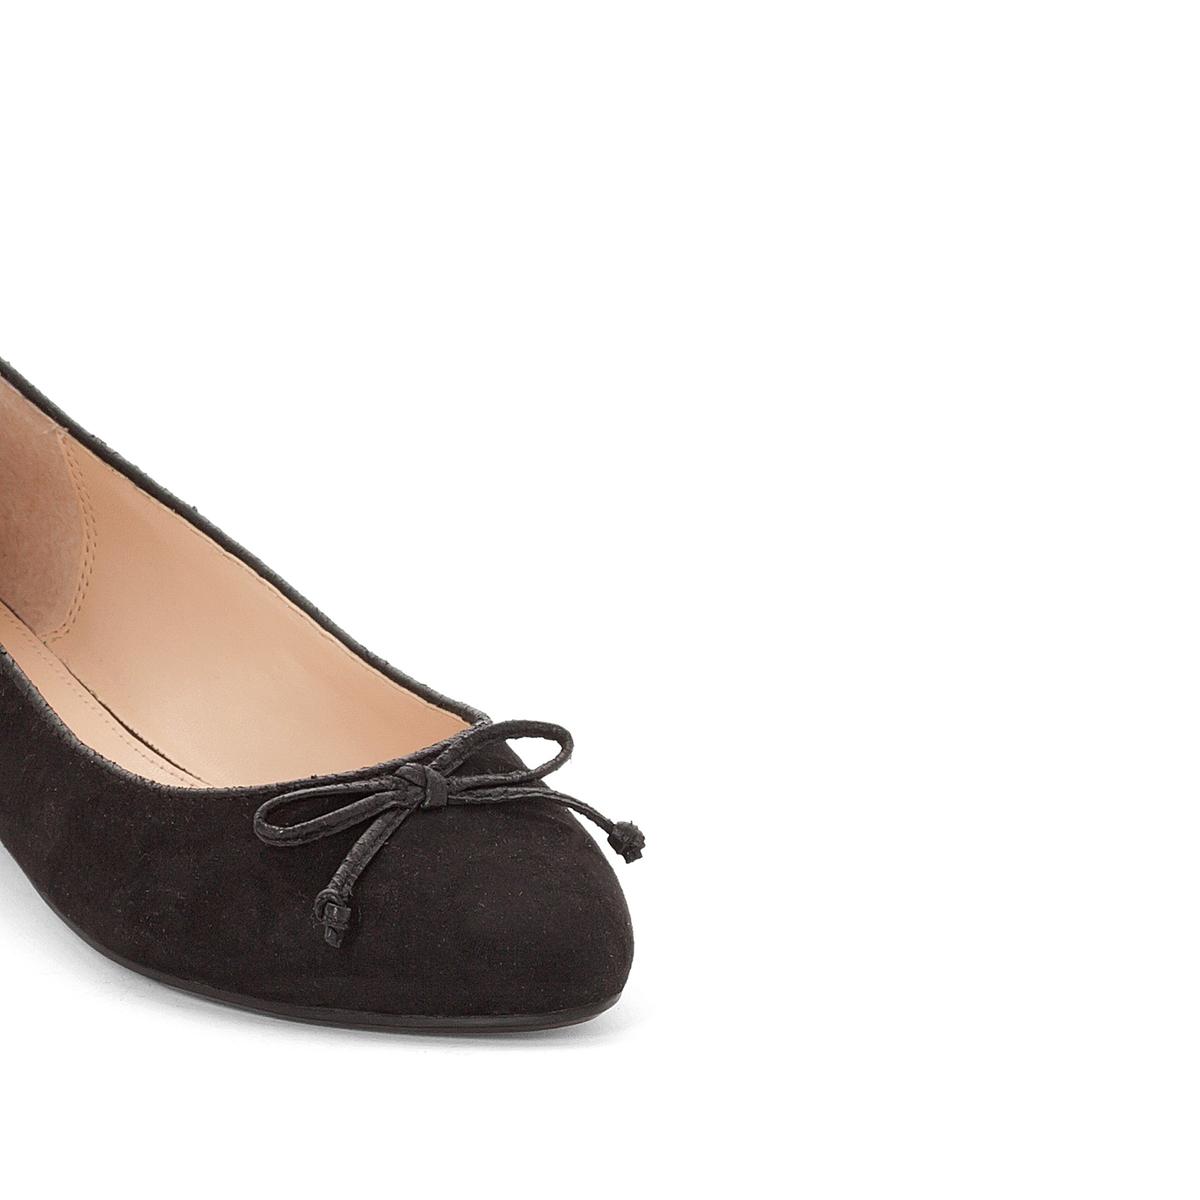 Балетки AquaВерх/Голенище : Полиэстер Стелька : Синтетика  Подошва : Каучук  Высота каблука : 1 см  Форма каблука : Плоский каблук  Мысок : Закругленный  Застежка : Без застежки<br><br>Цвет: черный<br>Размер: 39